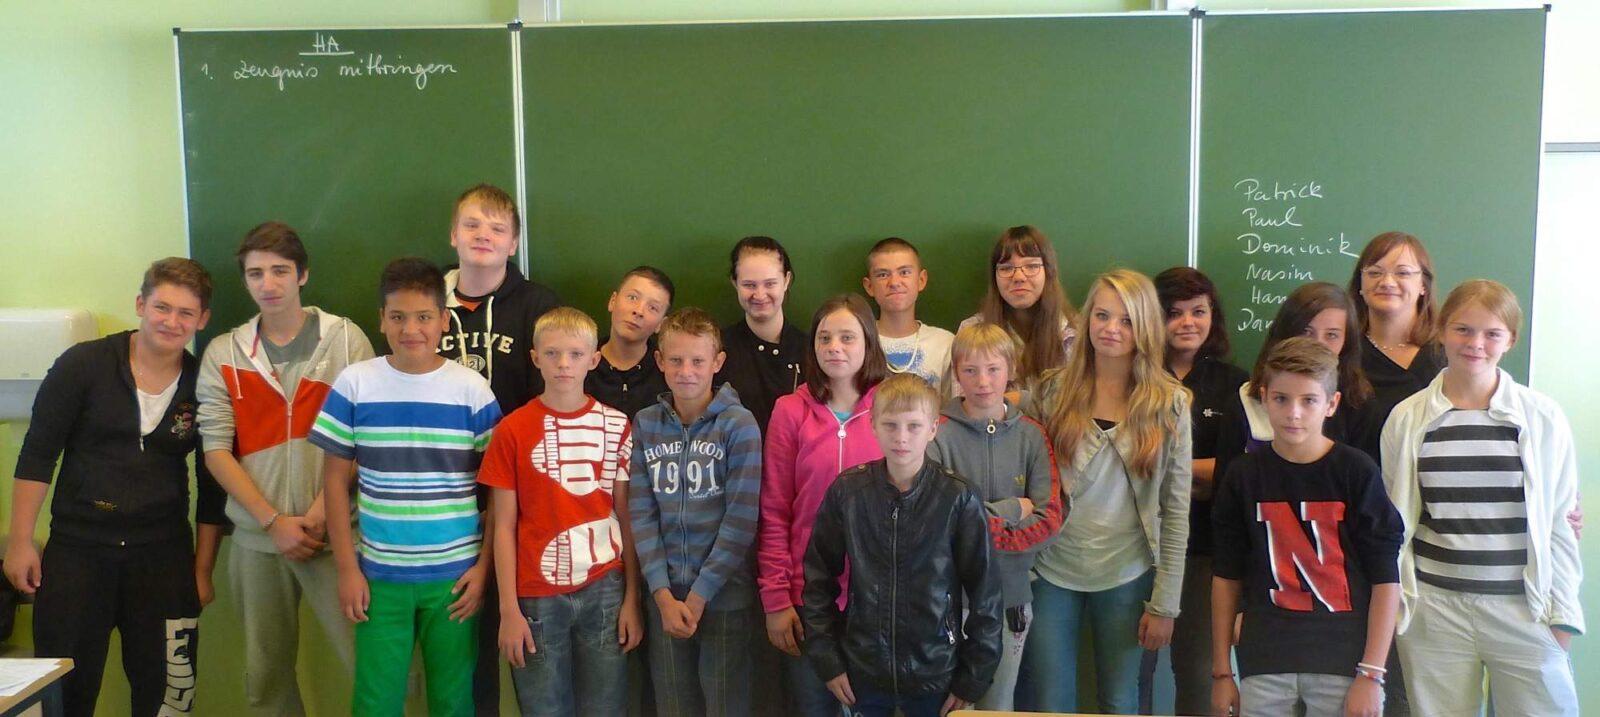 klasse-7a-2014